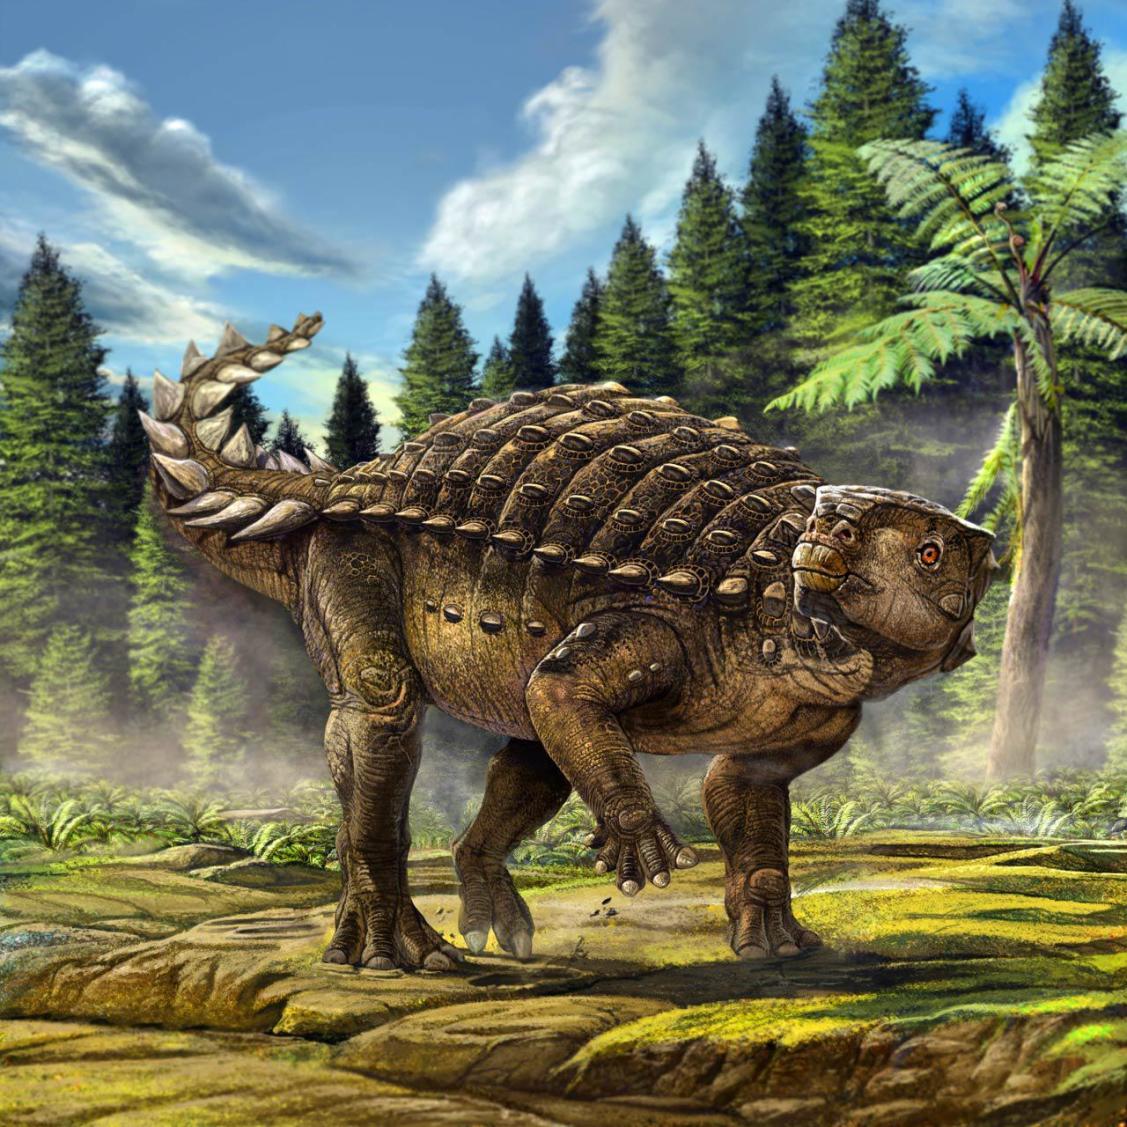 Minmi Dinosaur - Original image